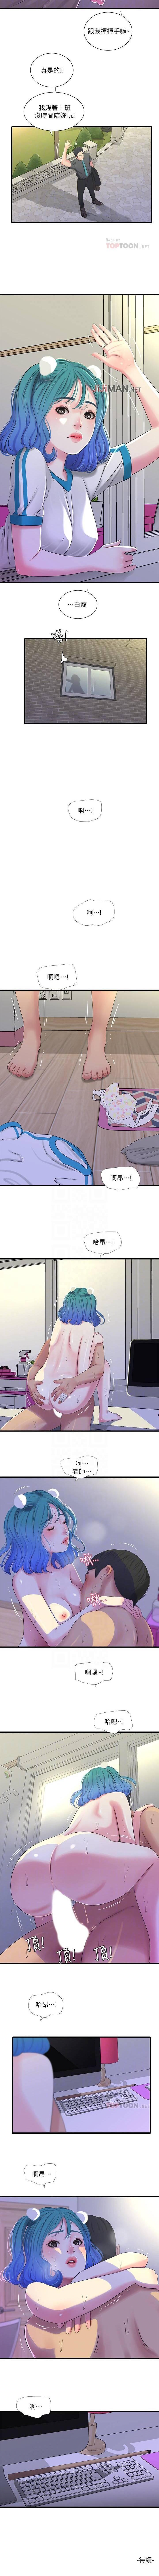 【周四连载】亲家四姐妹(作者:愛摸) 第1~31话 156